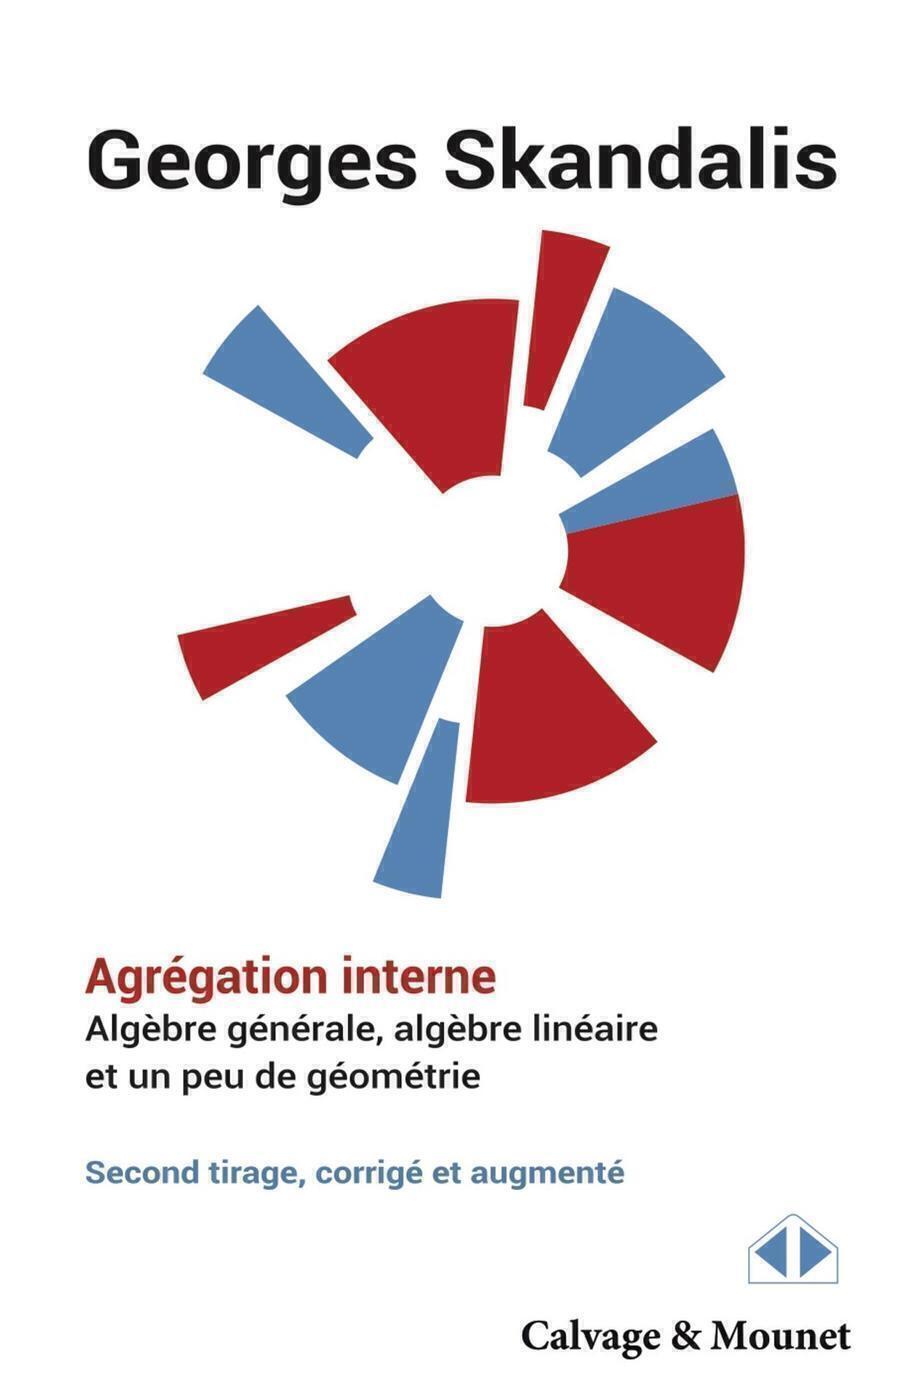 AGREGATION INTERNE - ALGEBRE GENERALE ALGEBRE LINEAIRE ET UN PEU DE GEOMETRIE